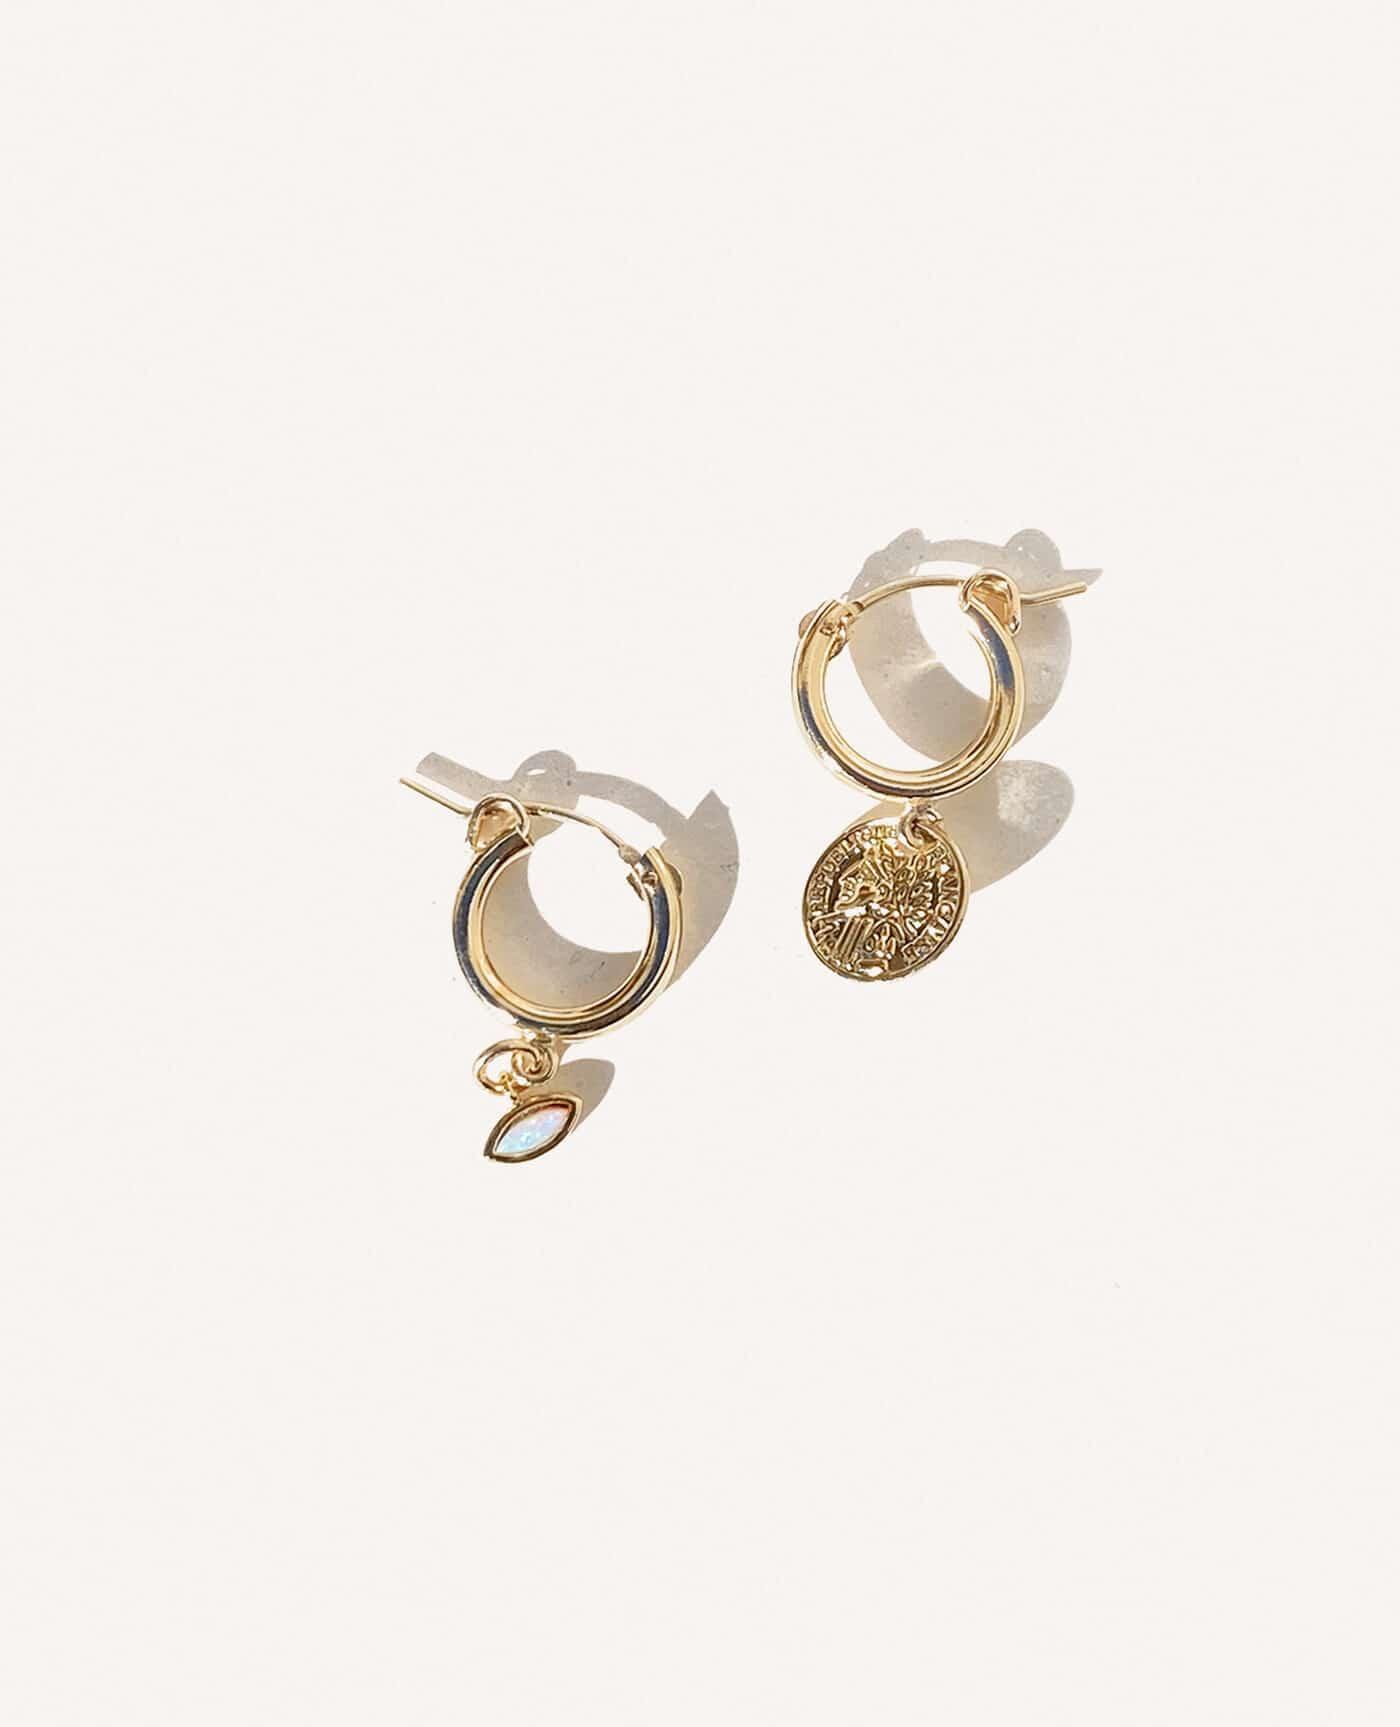 Boucles oreilles Kate asymétriques médaille et oeil de la marque Gisel B made in france